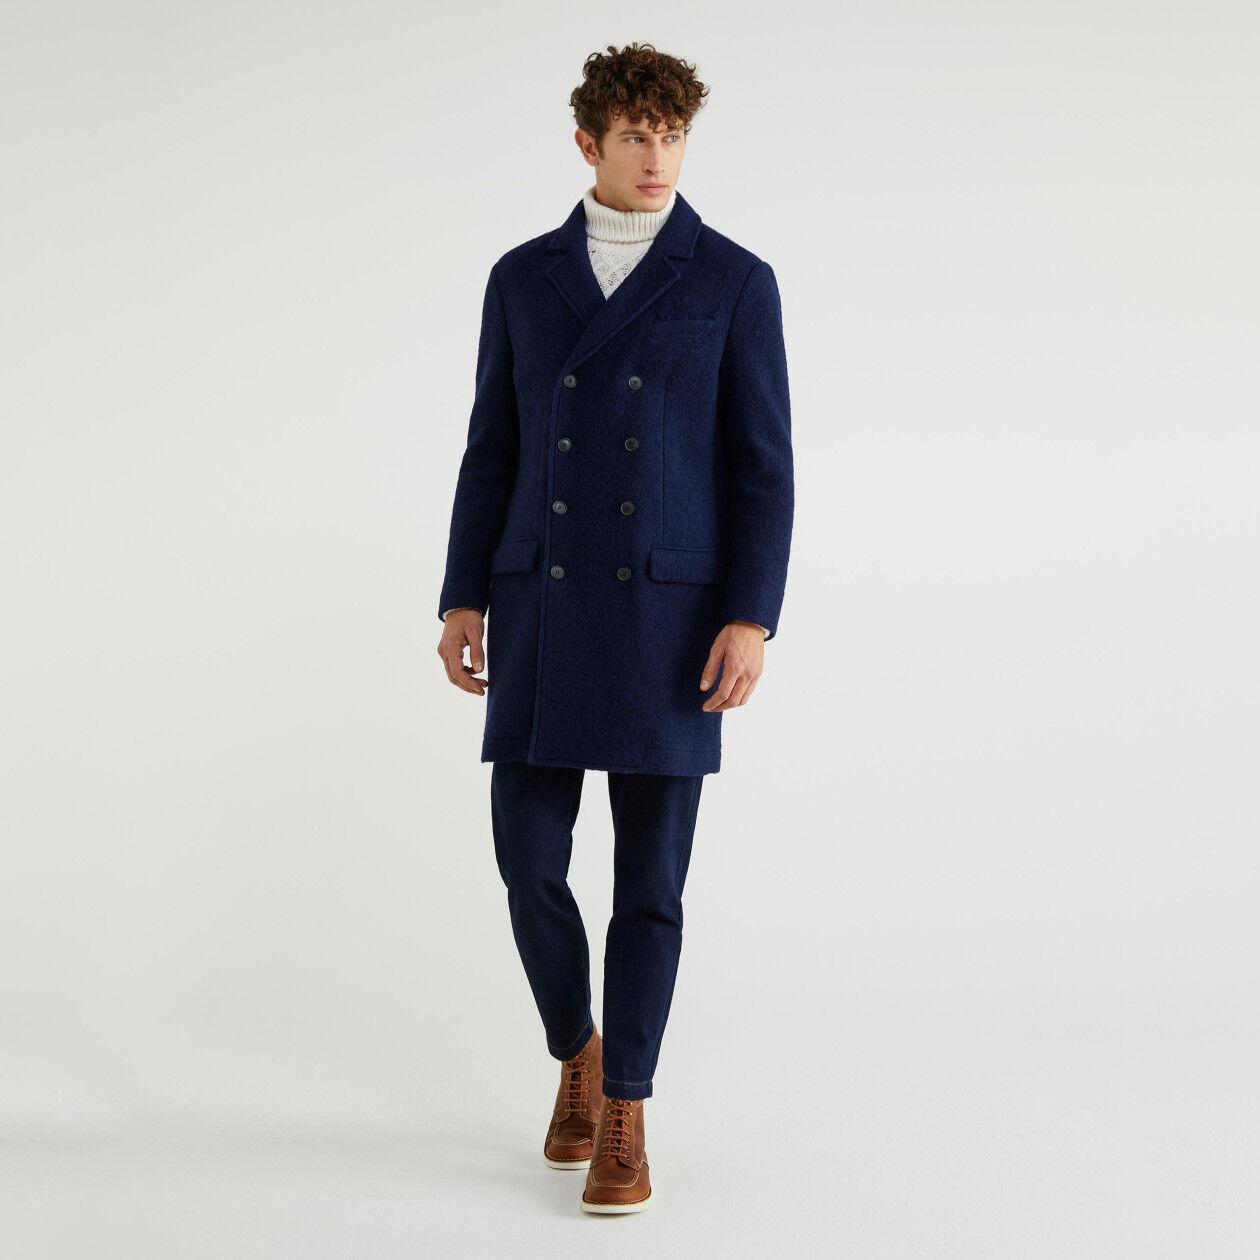 Doppelreihiger Mantel aus gewalkter Wolle